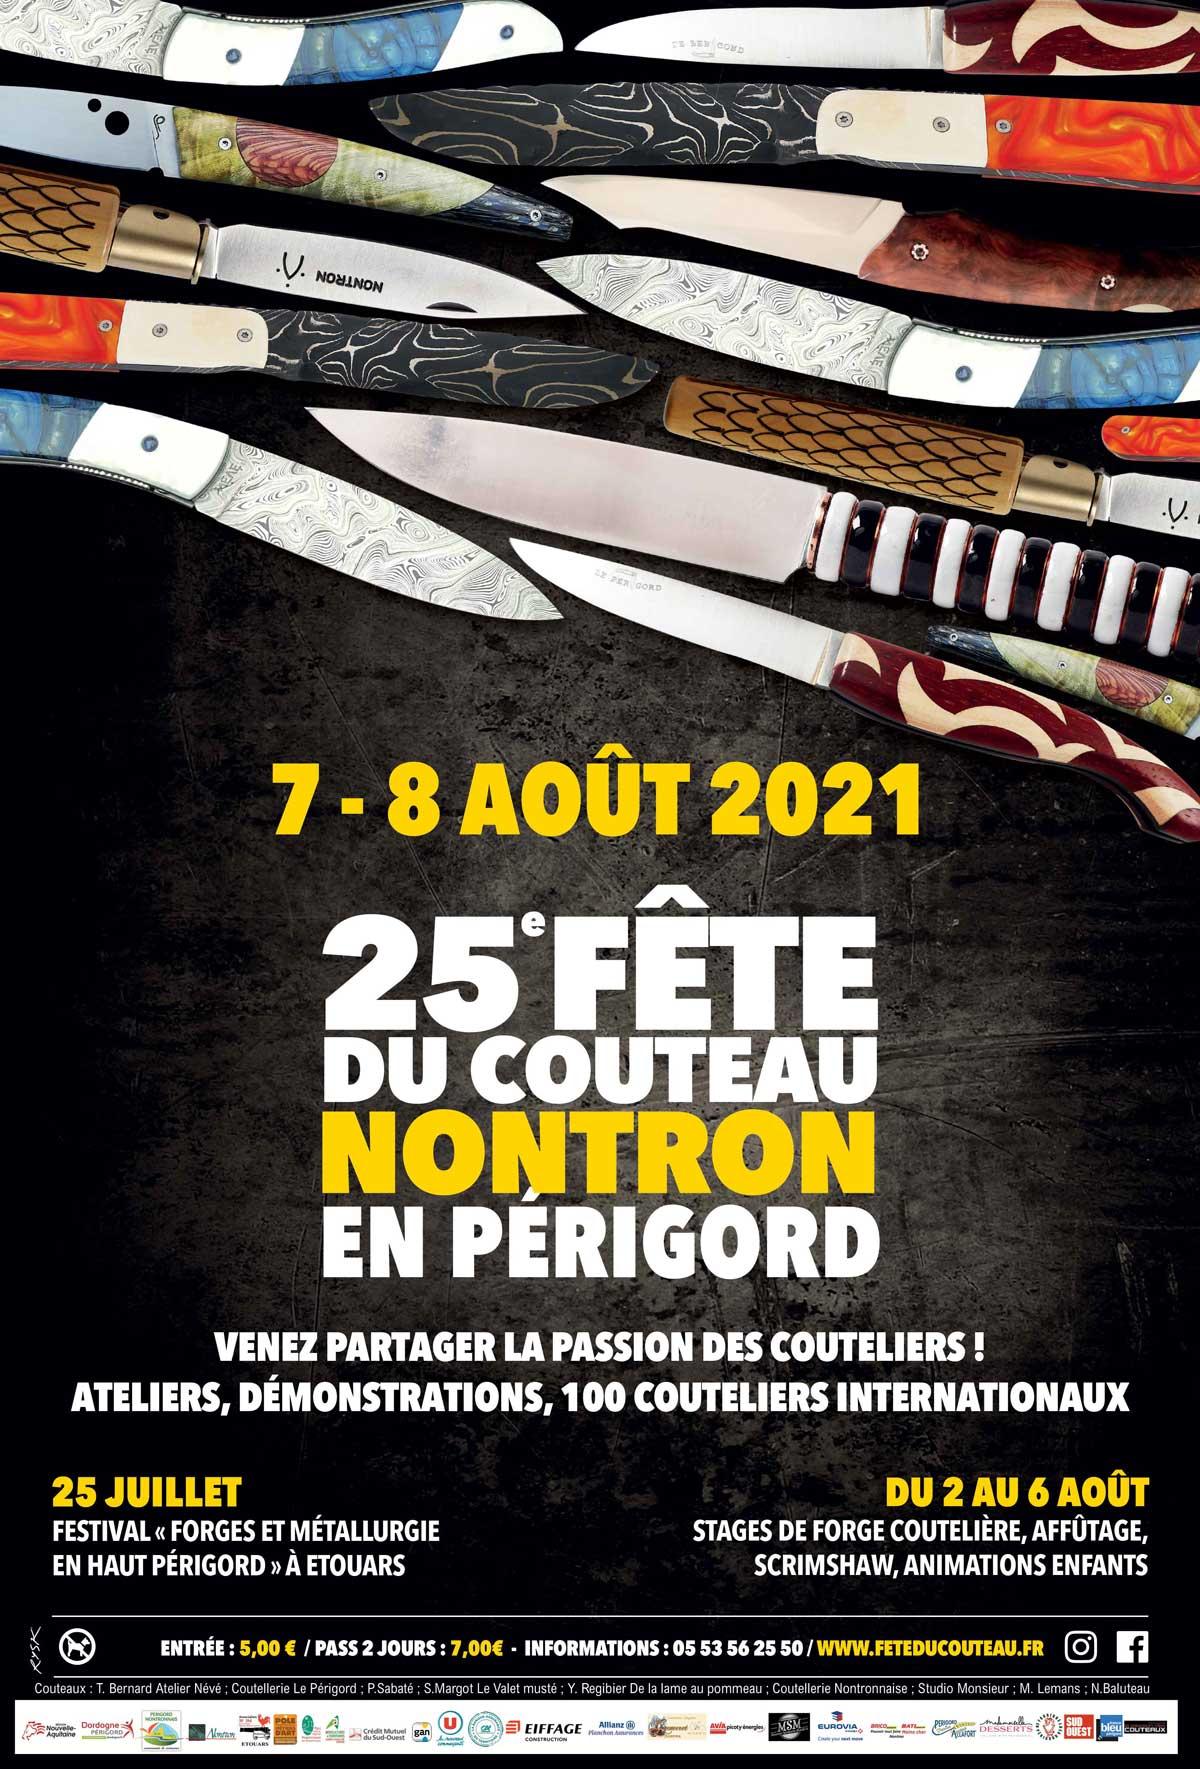 Fête du couteau à Nontron en Périgord